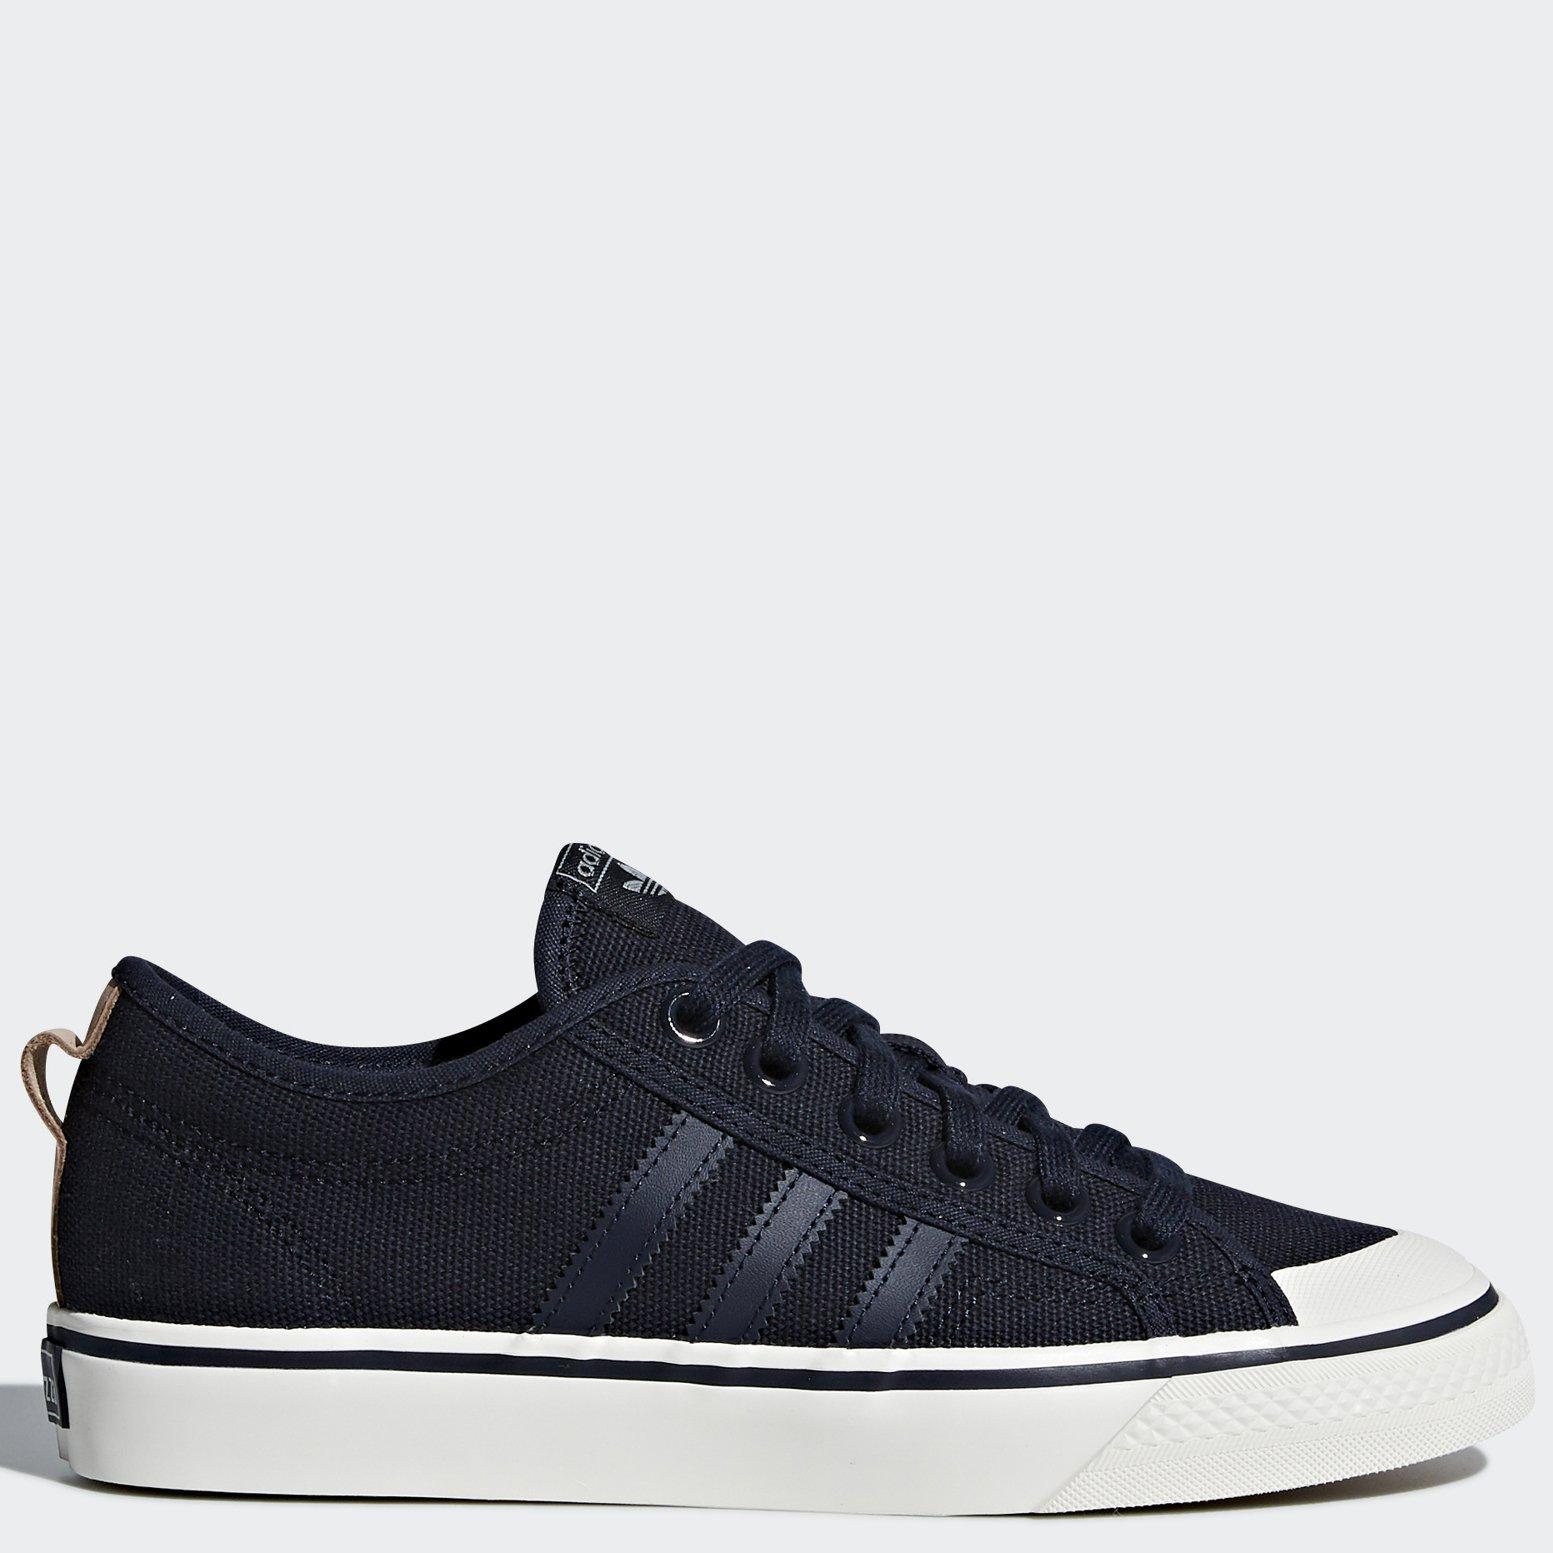 Кеды женские Adidas Og Nizza CQ2532 40.5 RU